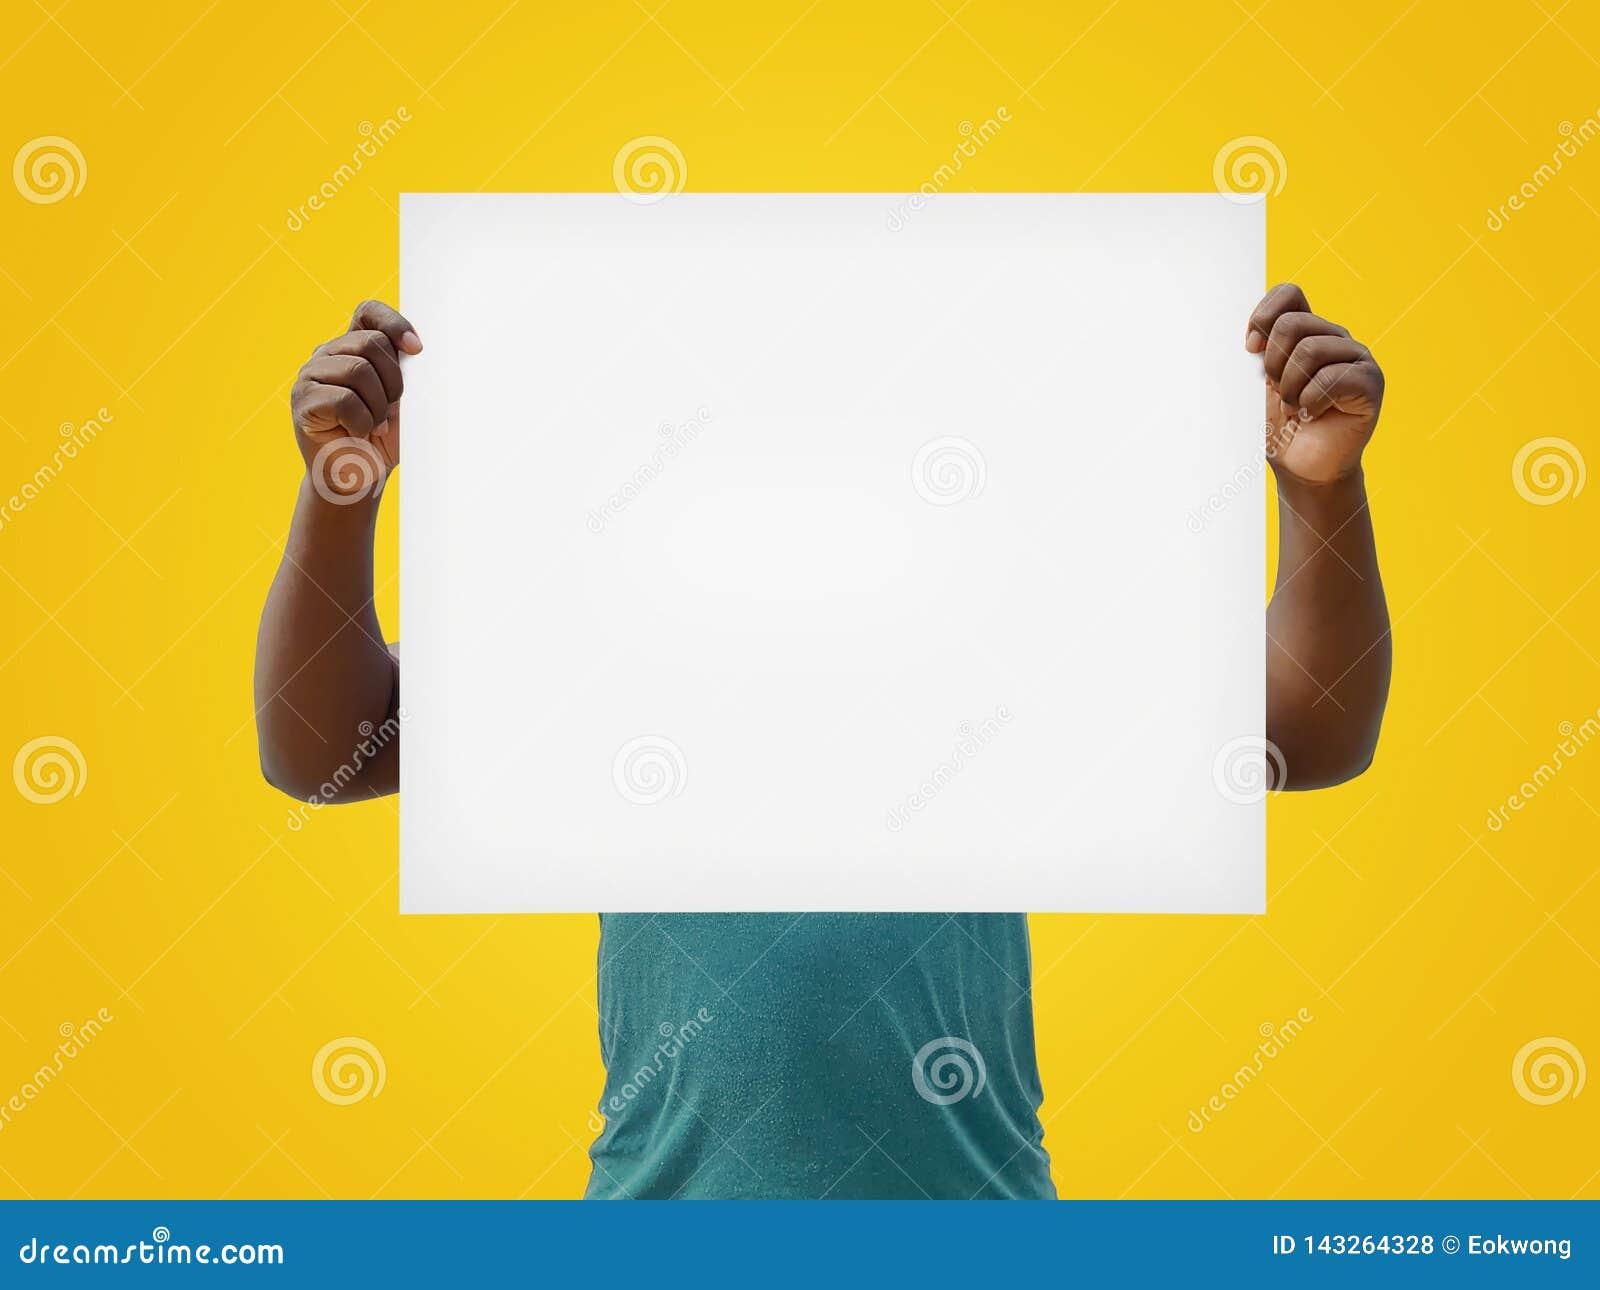 Uomo che tiene un bianco in bianco per cedere firmando un documento il suo fronte, isolato su un fondo giallo